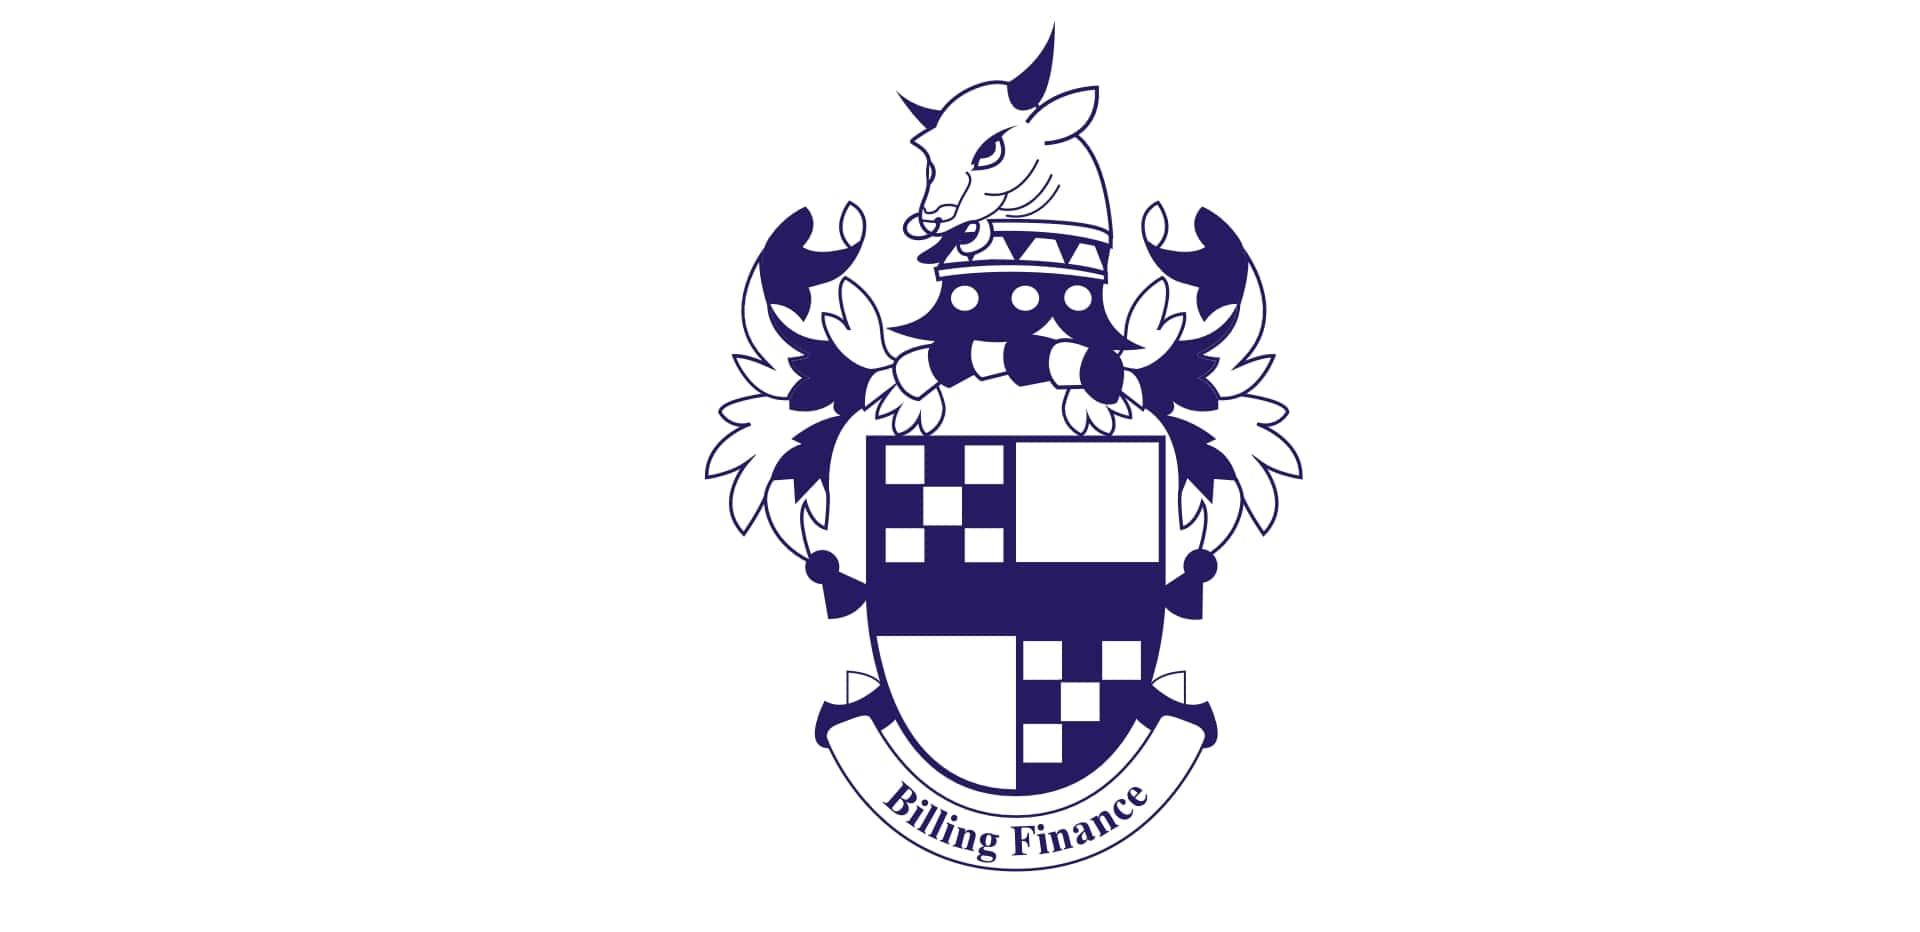 Billing Finance Crest (002)